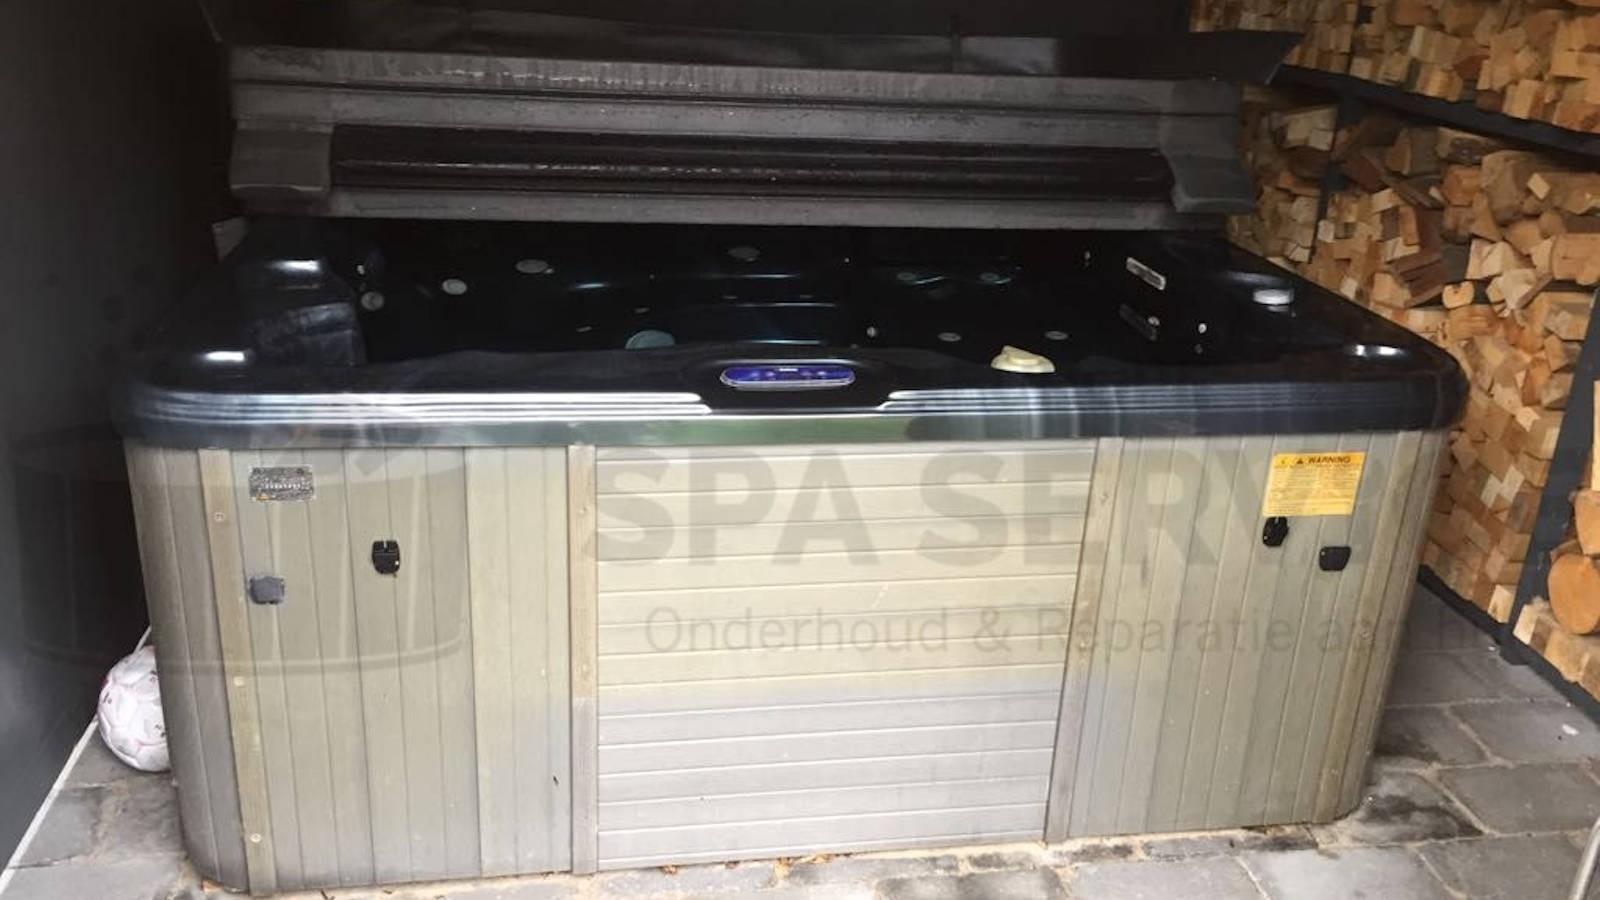 Reparatie verwarming en circulatiepomp van een Sunspa spa in Enschede